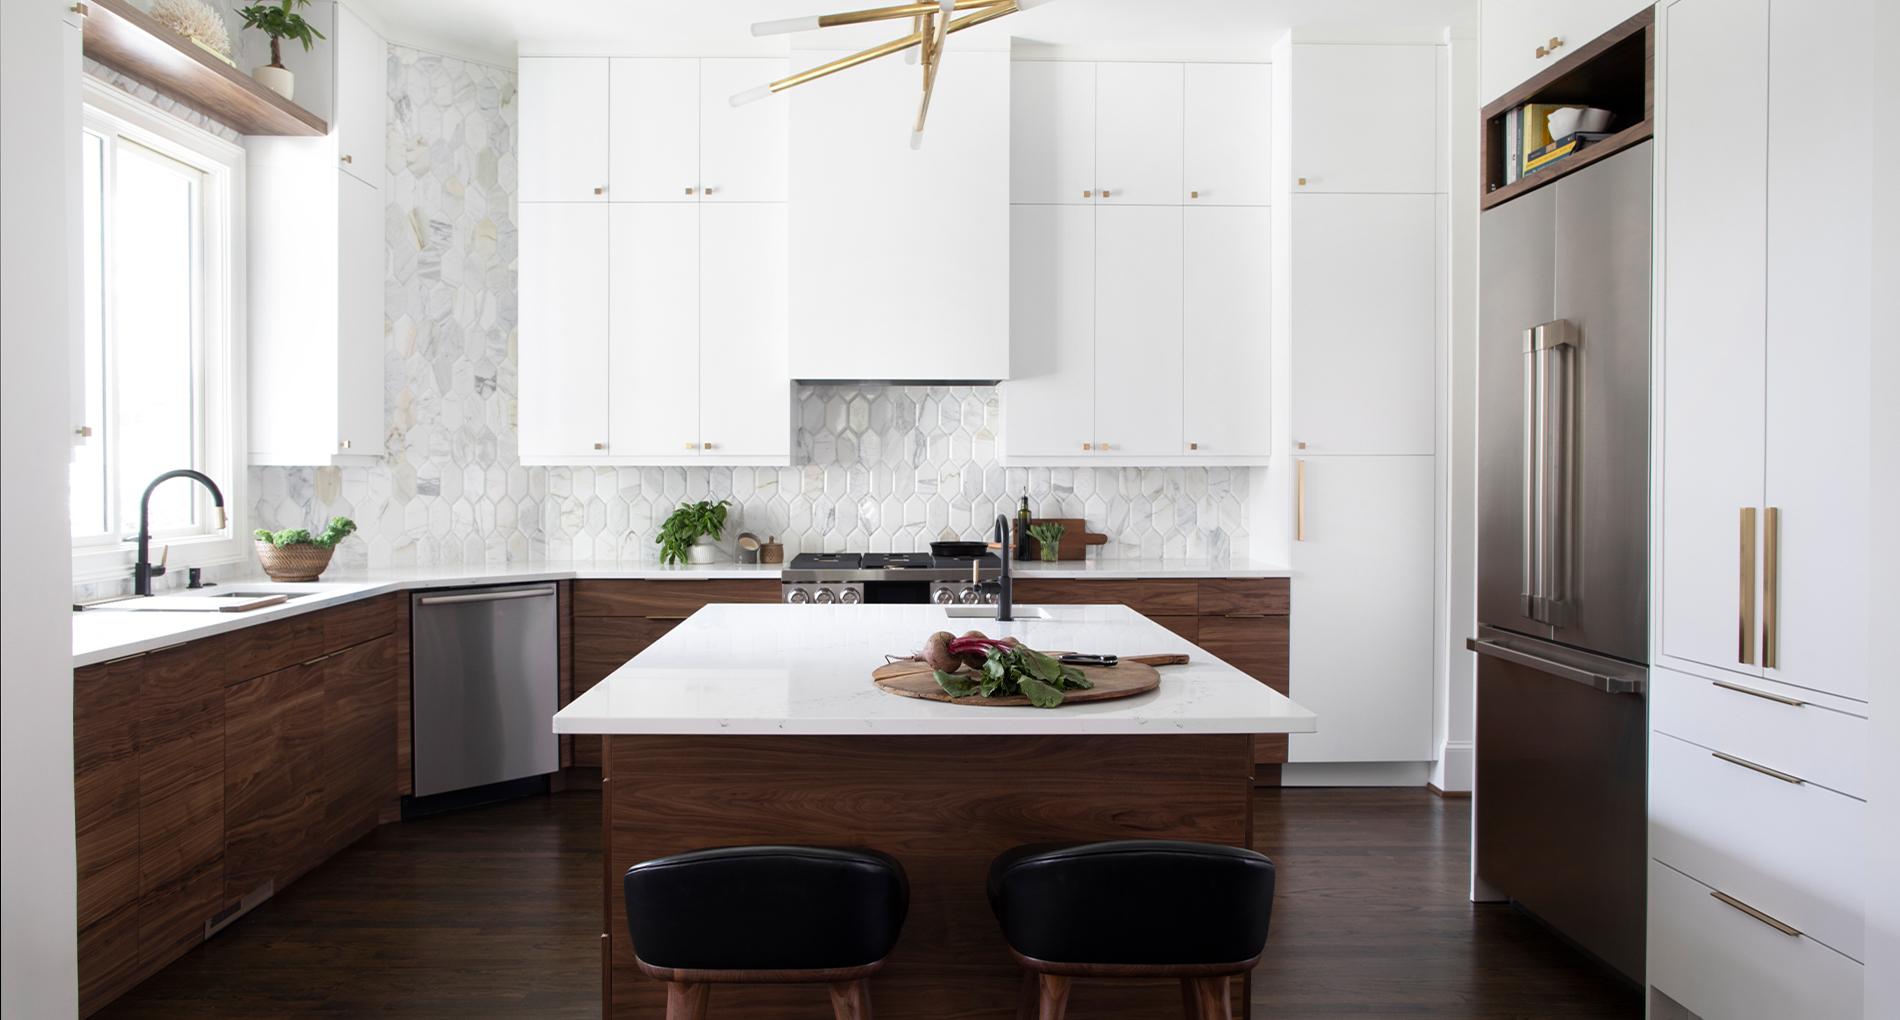 Little-5-Points-Modern-Kitchen-Renovation-HeaderImage-Kitchen-3-